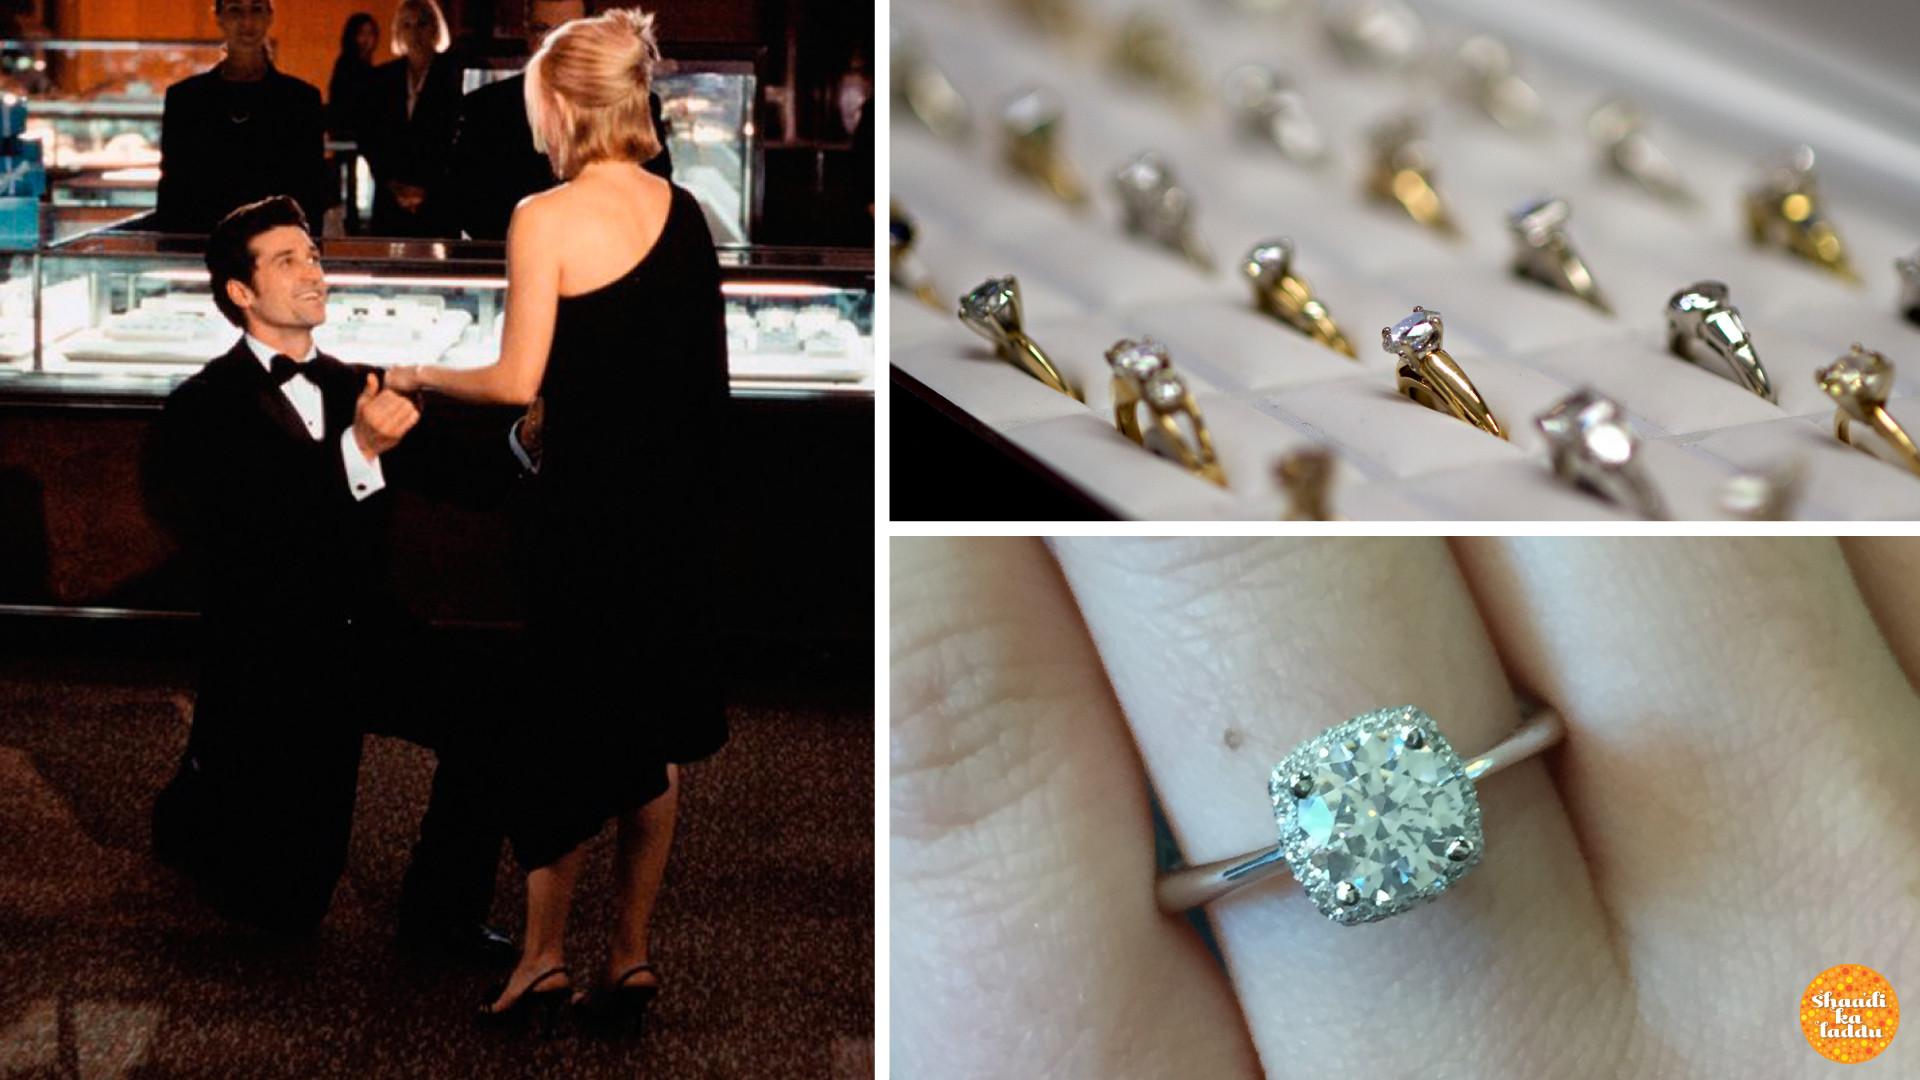 ring shopping, wedding proposal